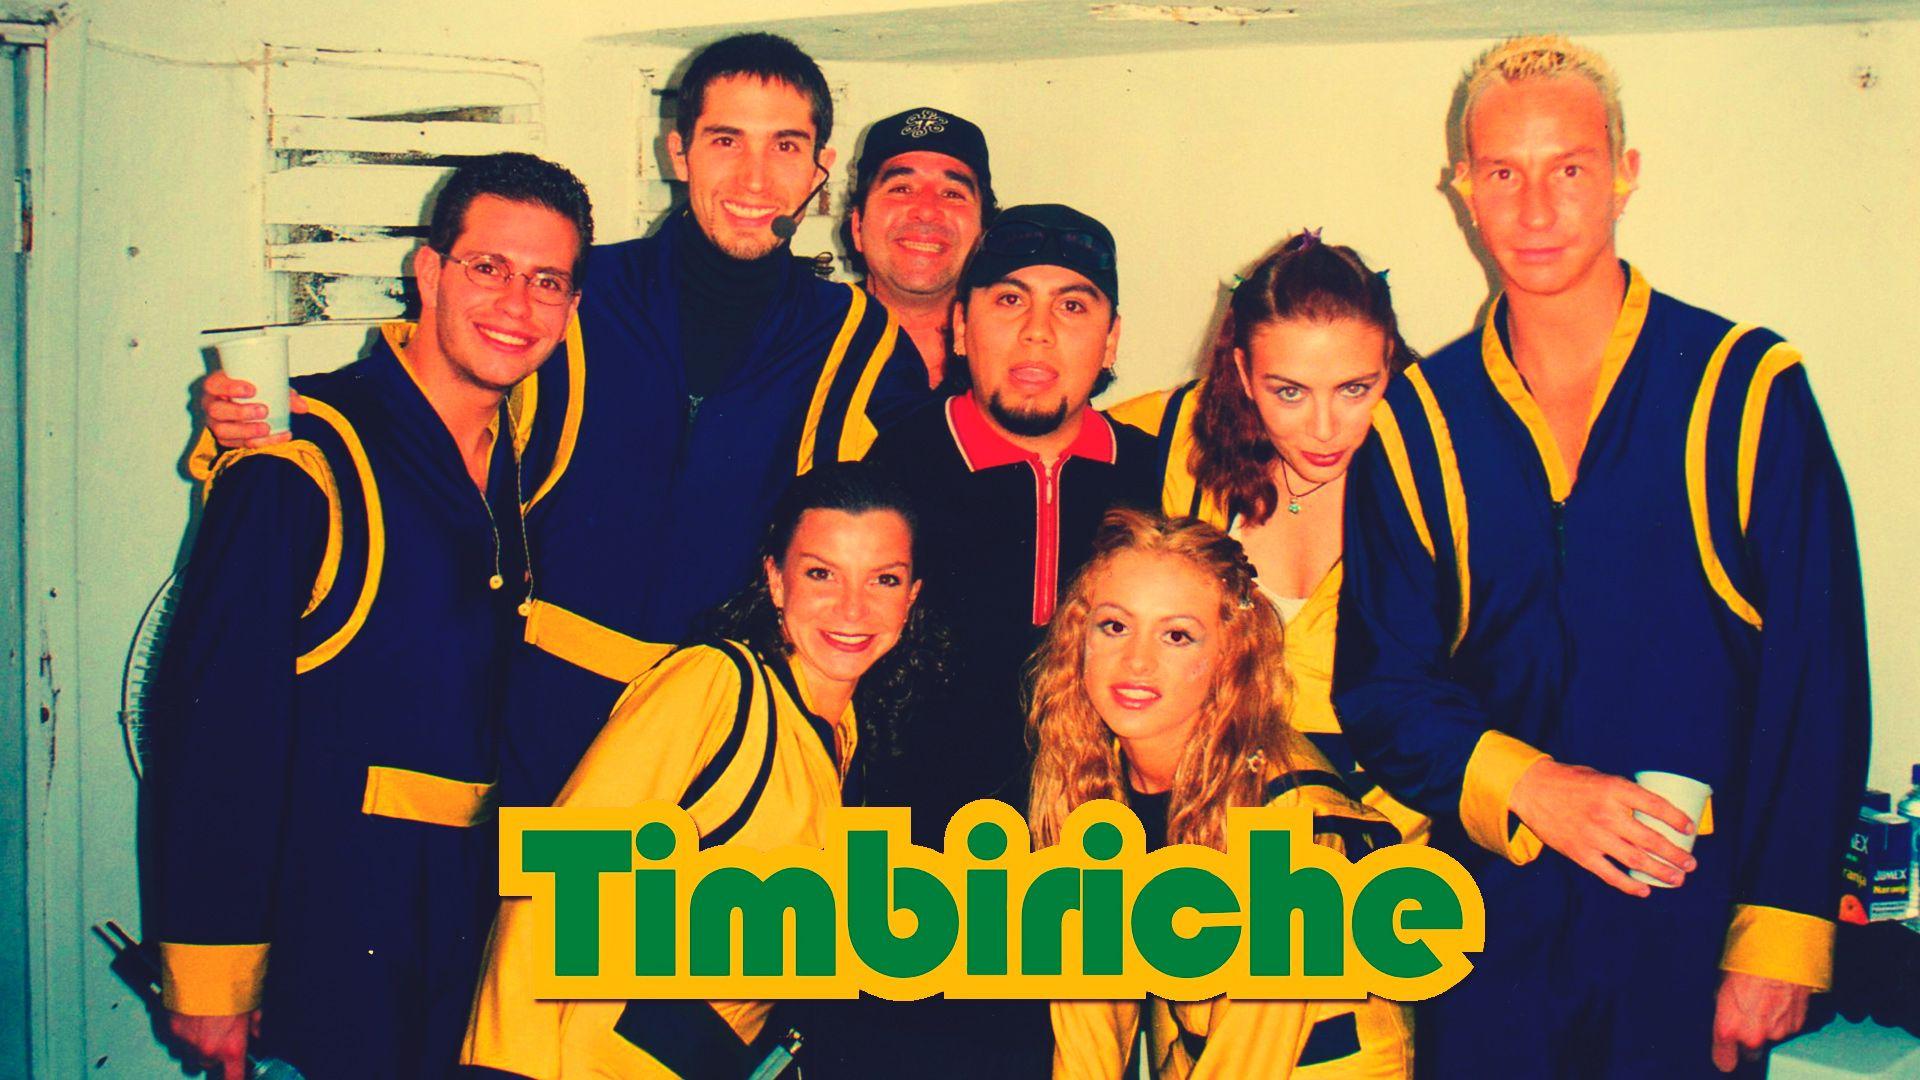 http://cdn.sonicomusica.com/artists/t/timbiriche/timbiriche-6.jpg